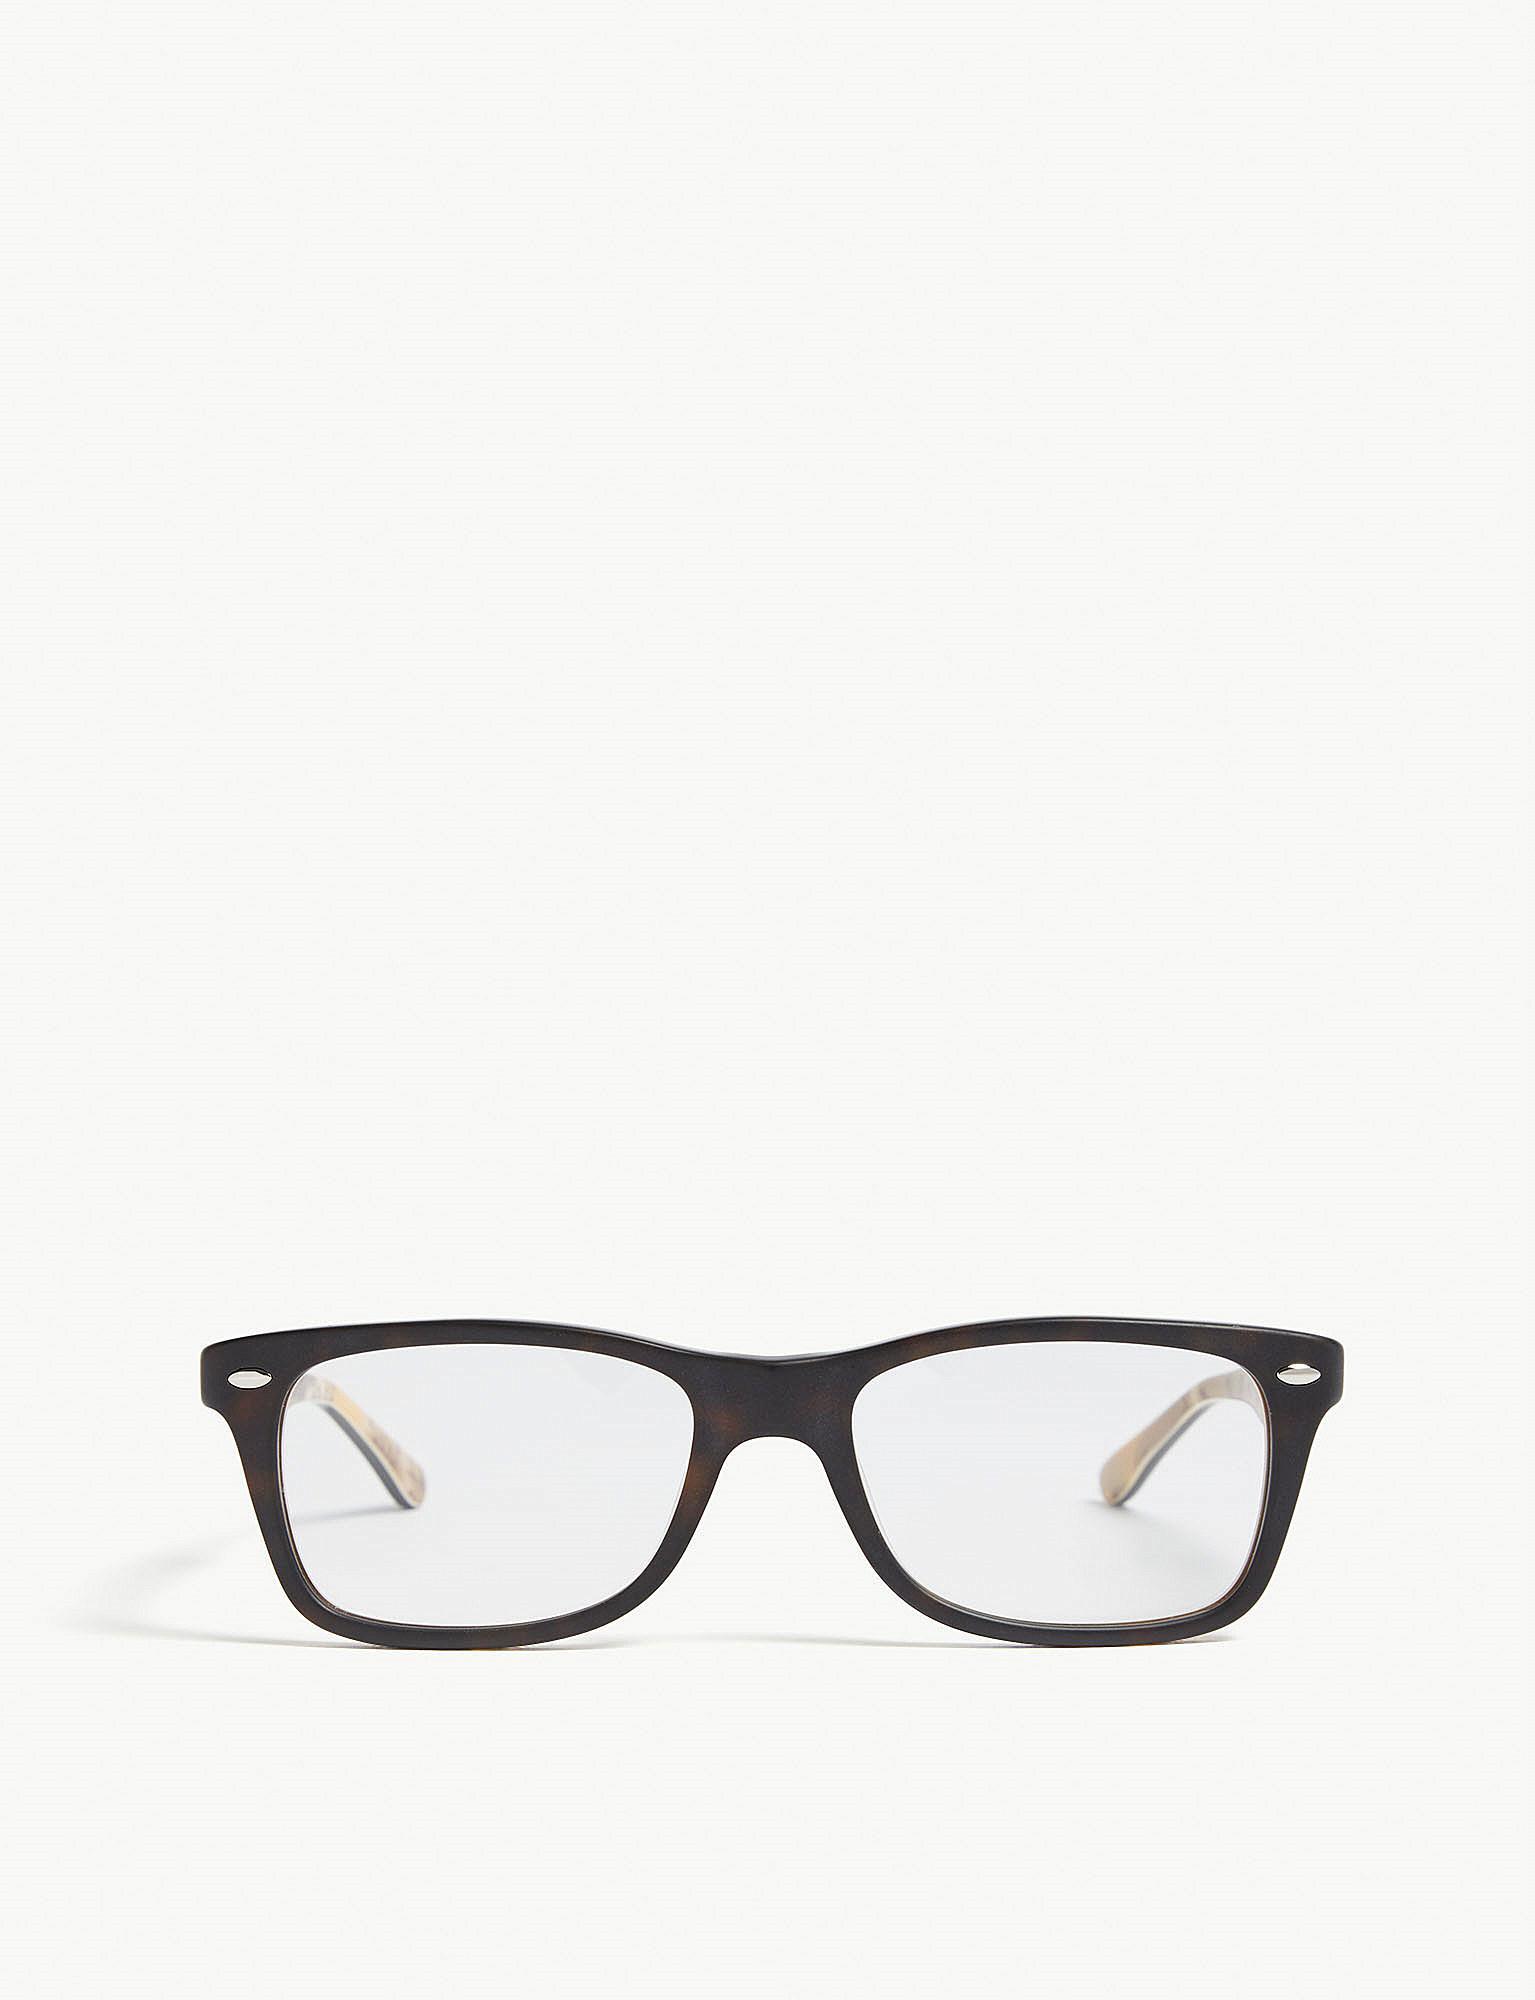 9b59830985 Ray-Ban Rb5228 Square-frame Havana Glasses in Black for Men - Lyst